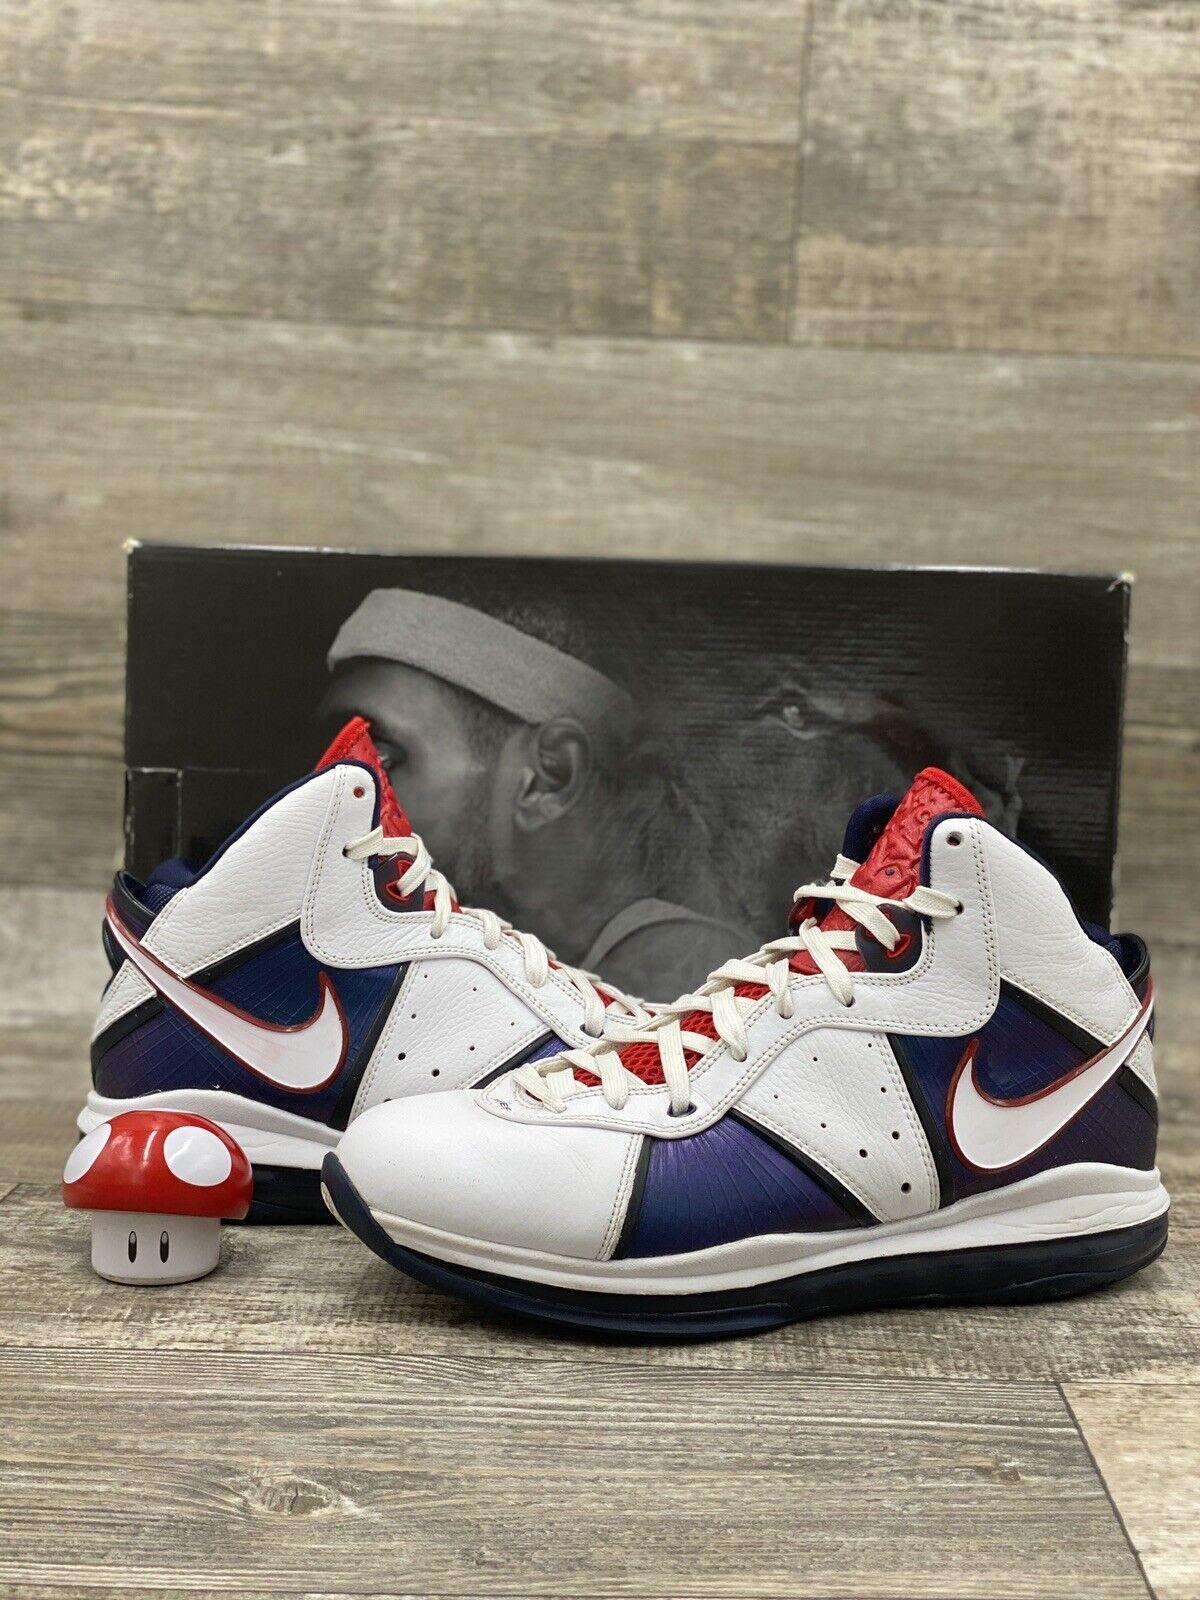 lebron shoes 2010